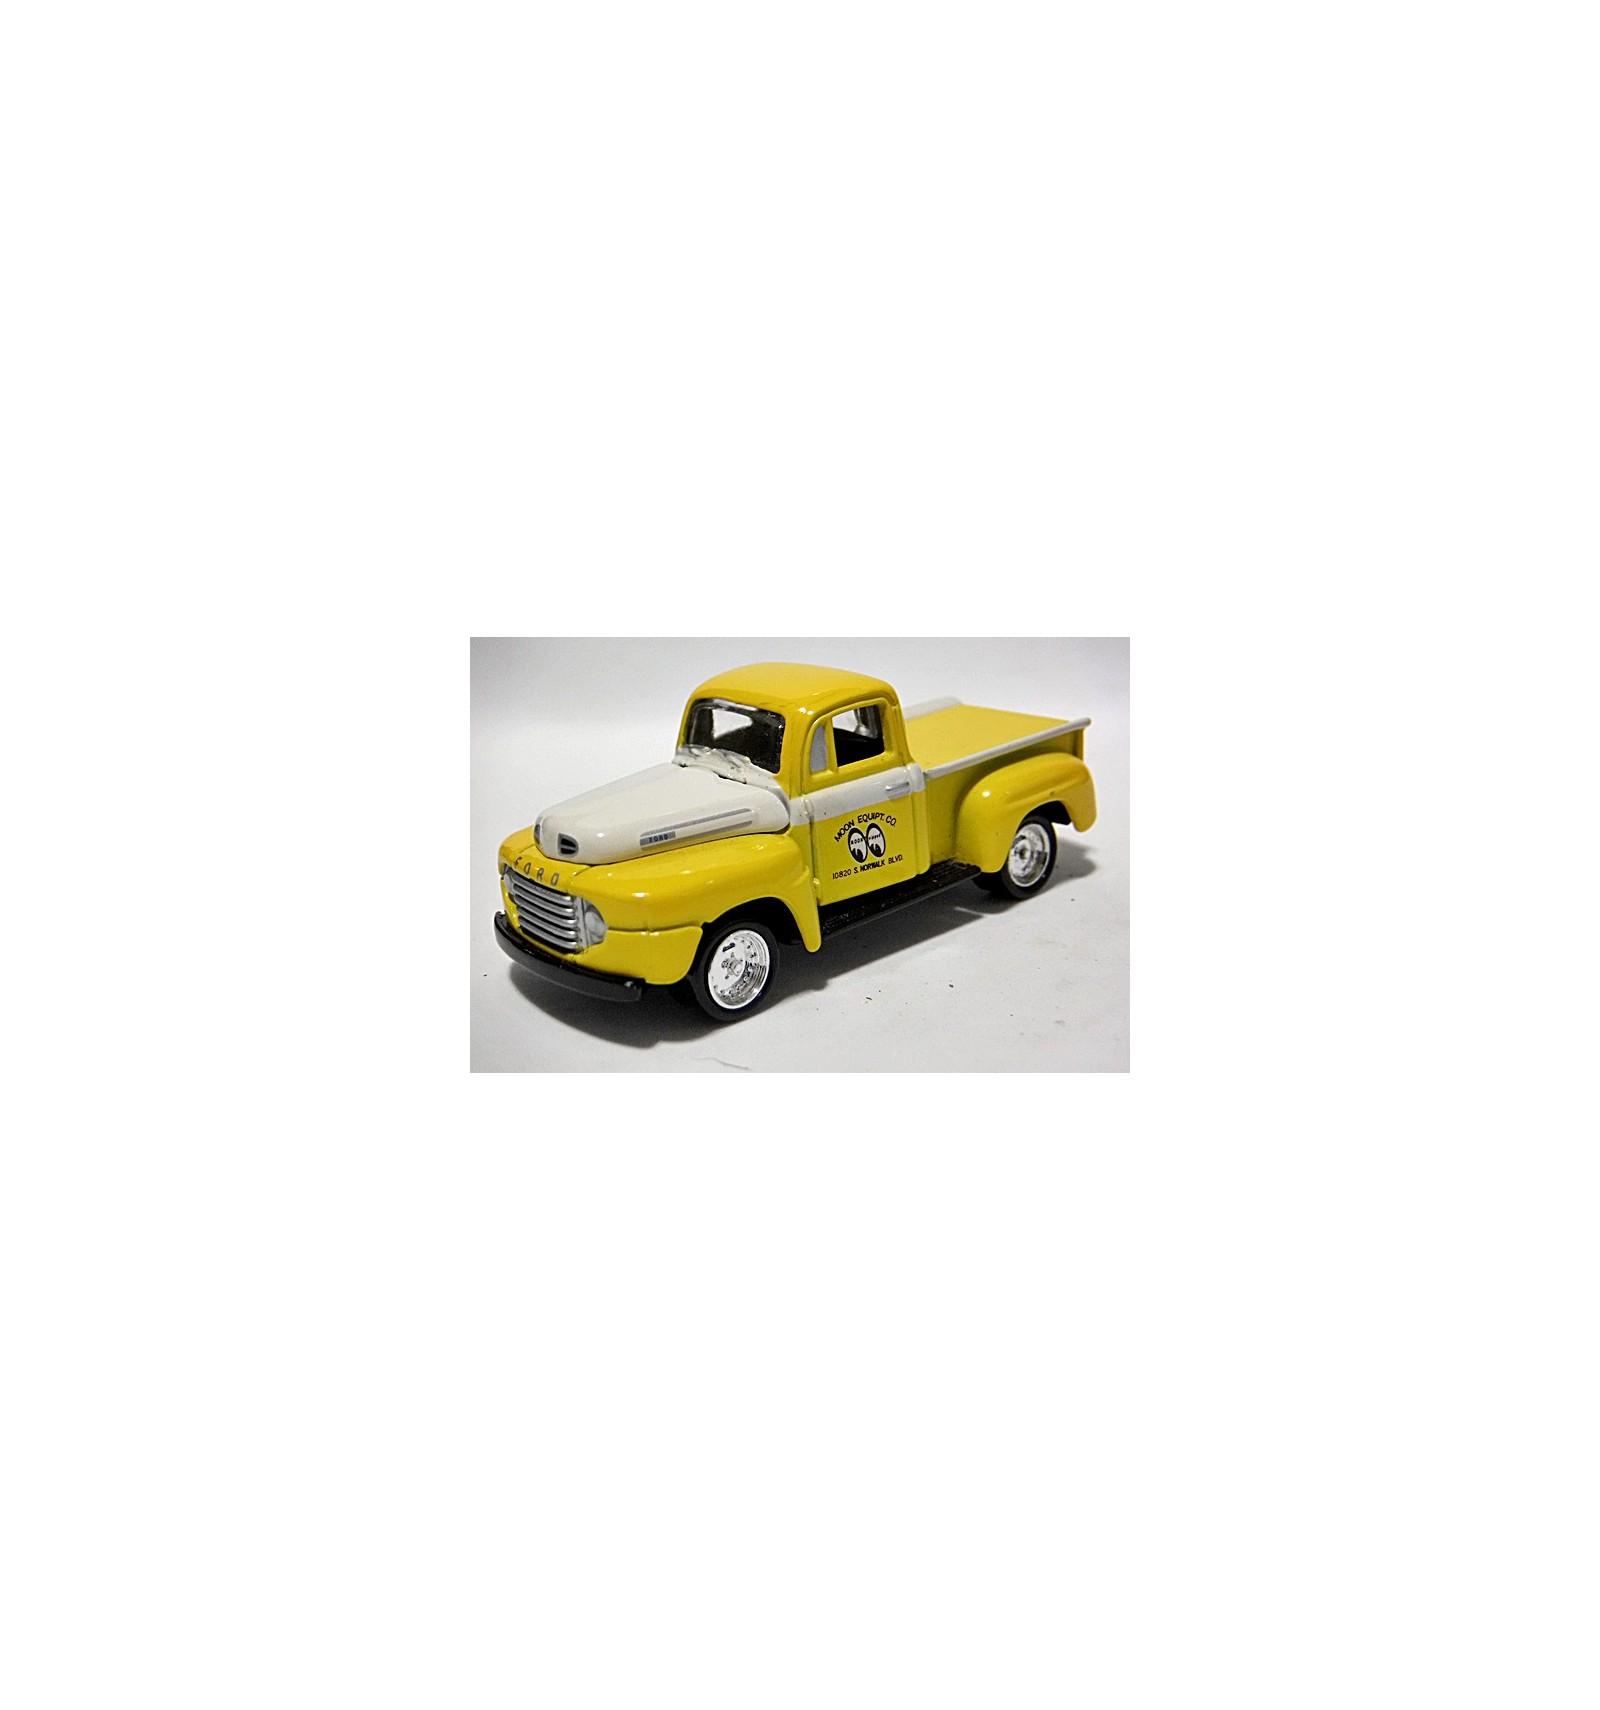 hight resolution of johnny lightning mooneyes 1950 ford f1 pickup truck